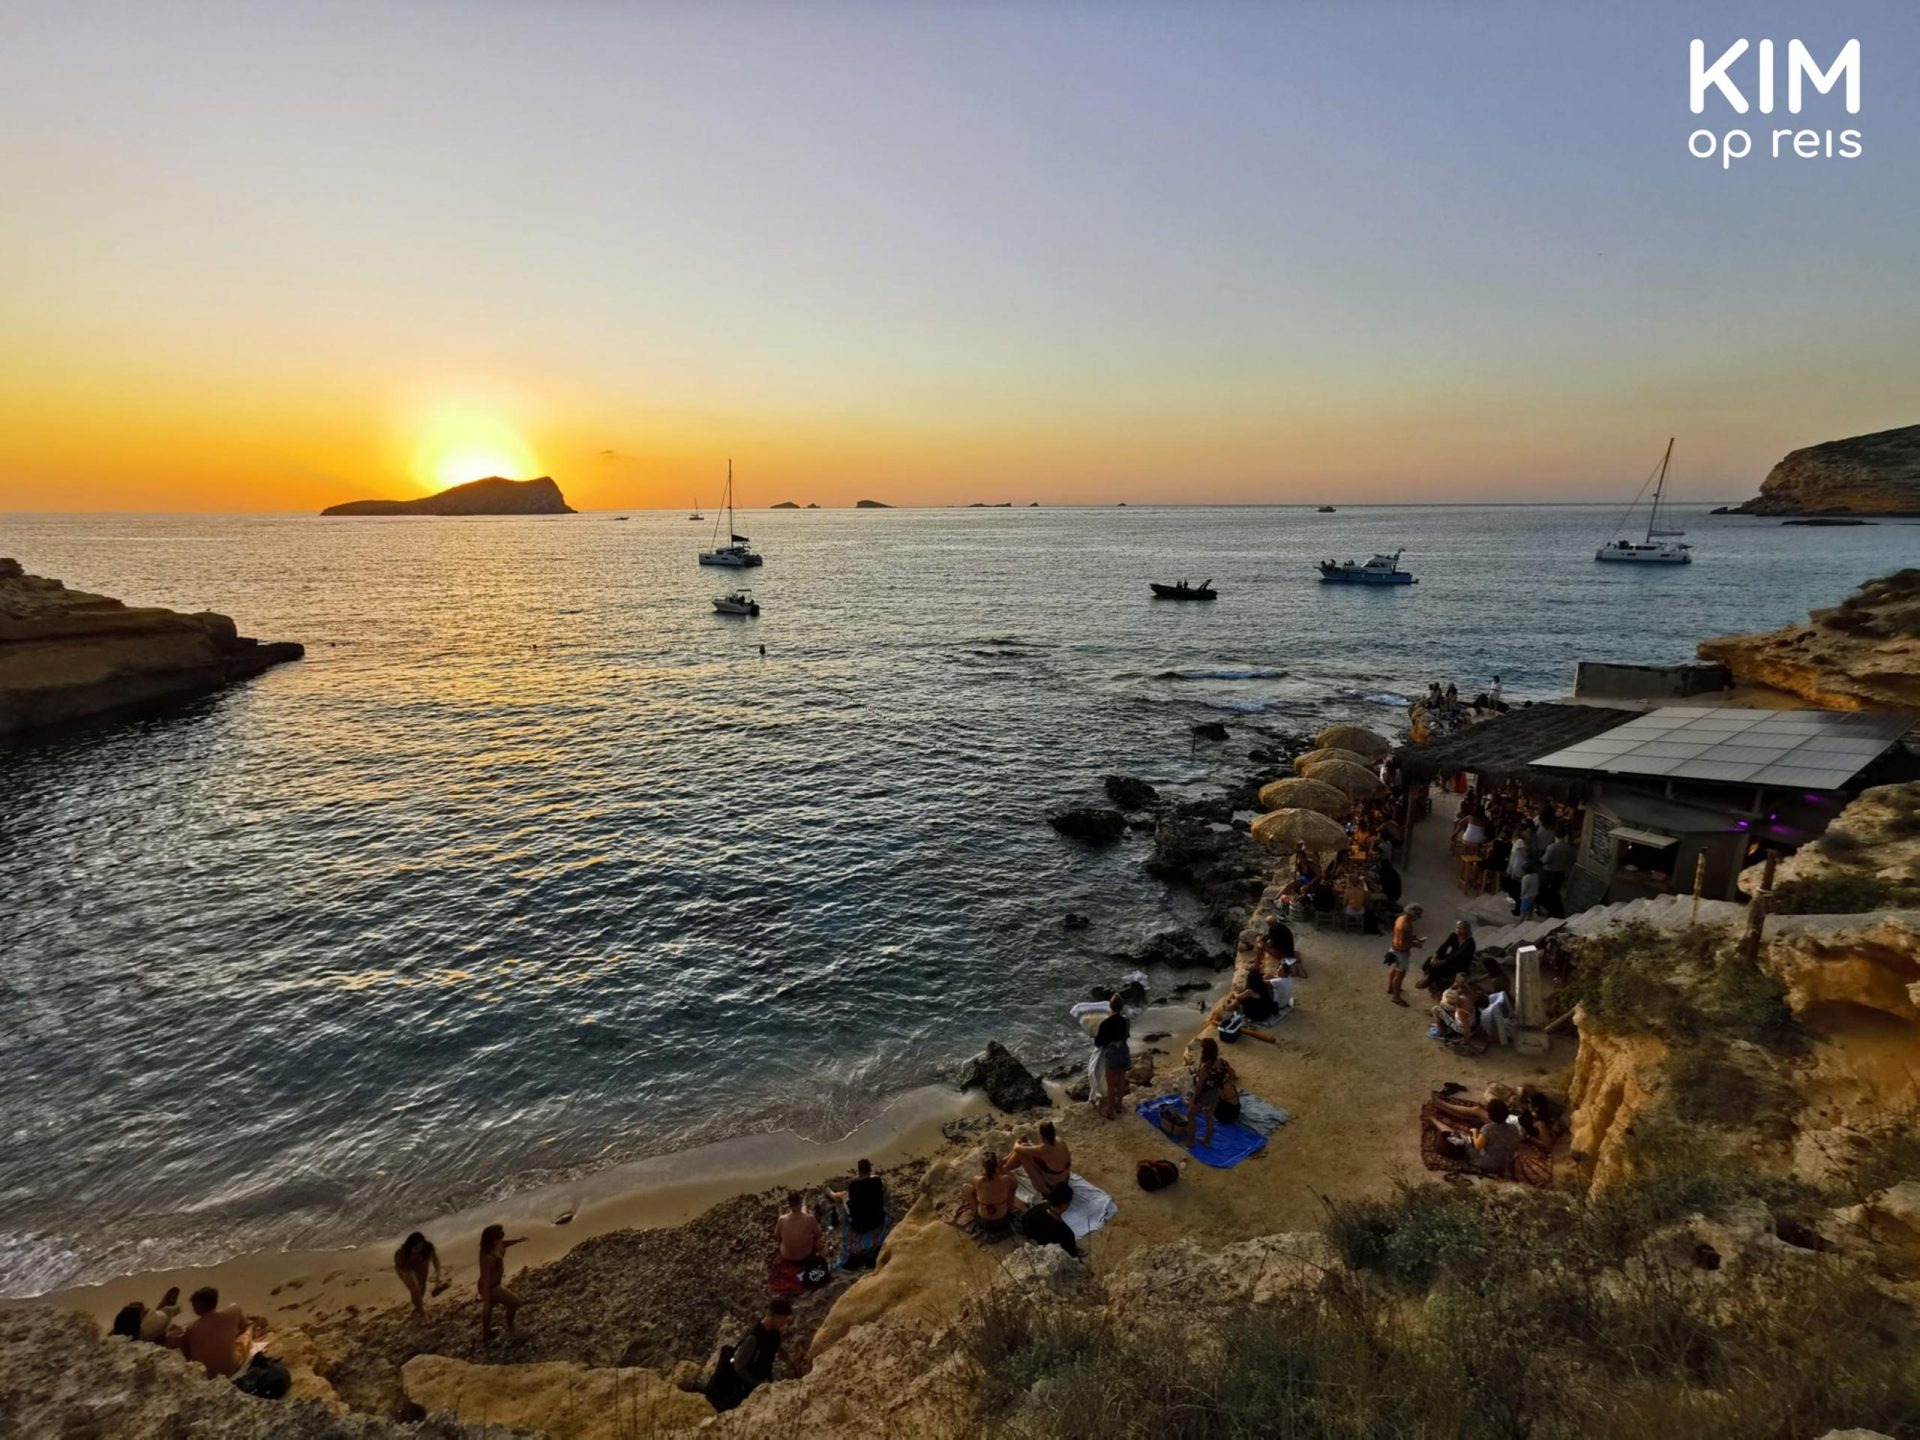 Zonsondergang Ibiza Cala Comte - uitzicht over het rotsstrand met toeschouwers van de zonsondergang